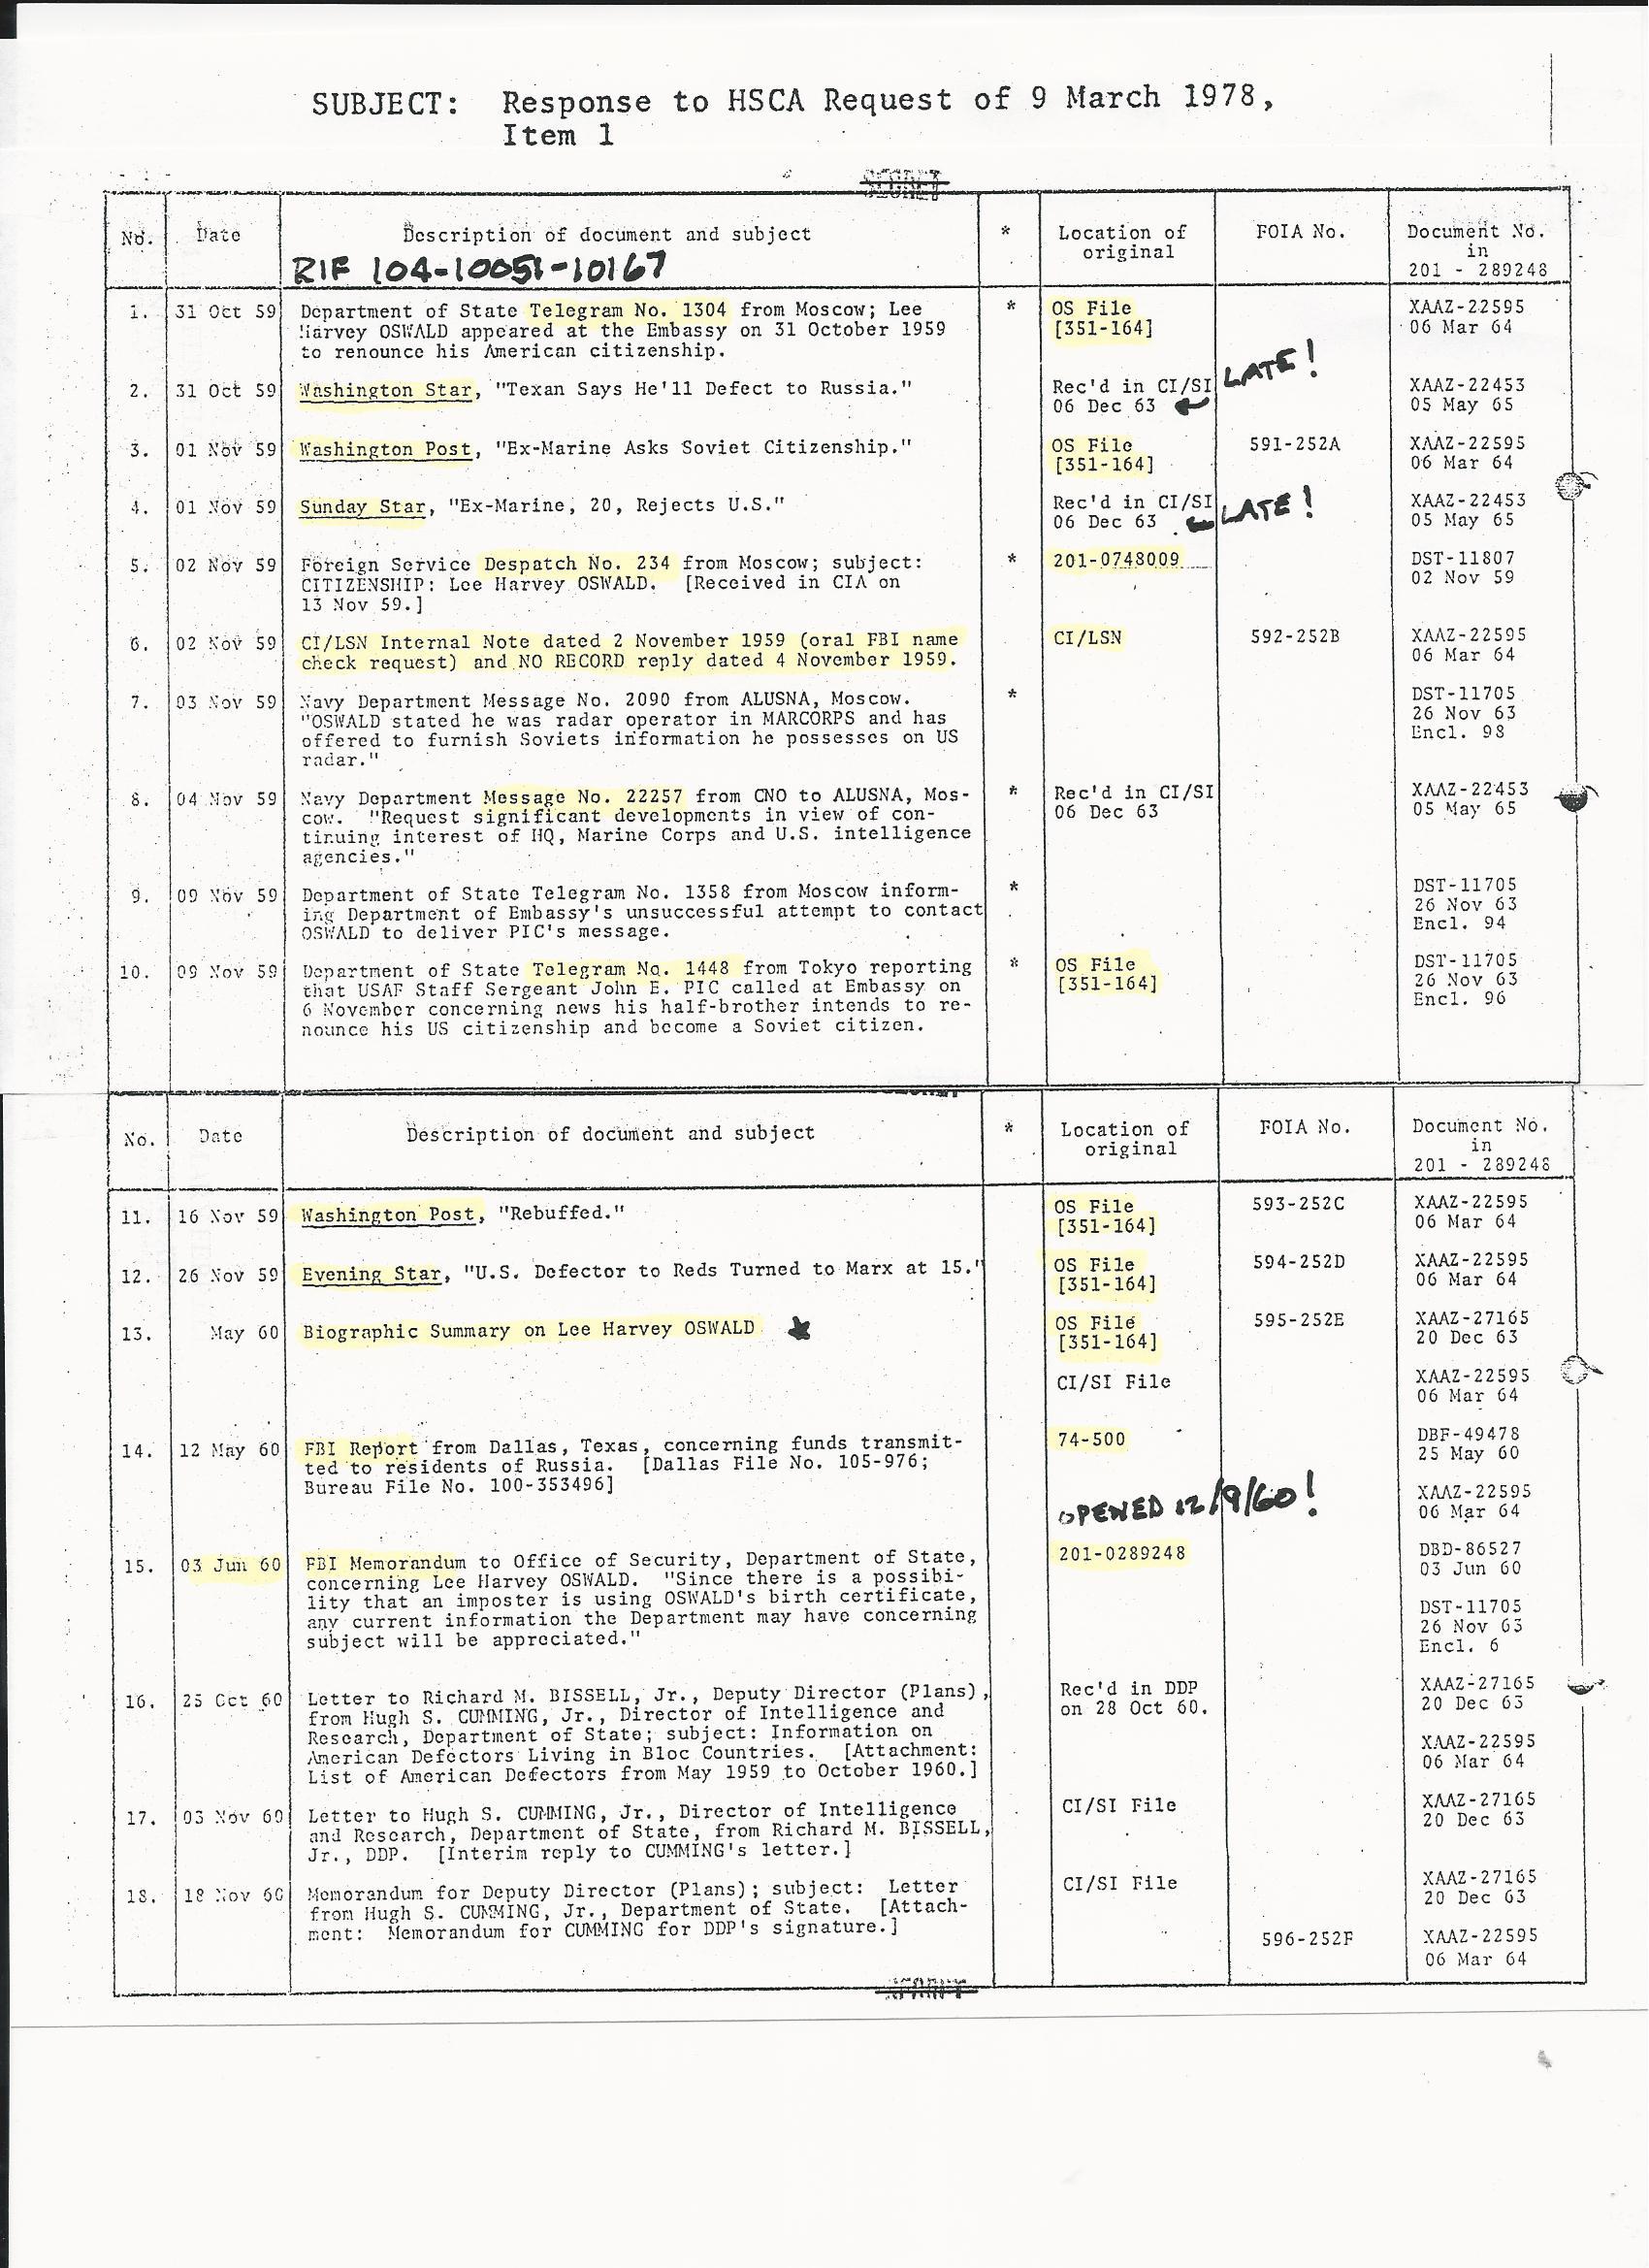 3978HSCARQSTNON-CIADOCS3 CIA Blocked LHO Docs from SRD